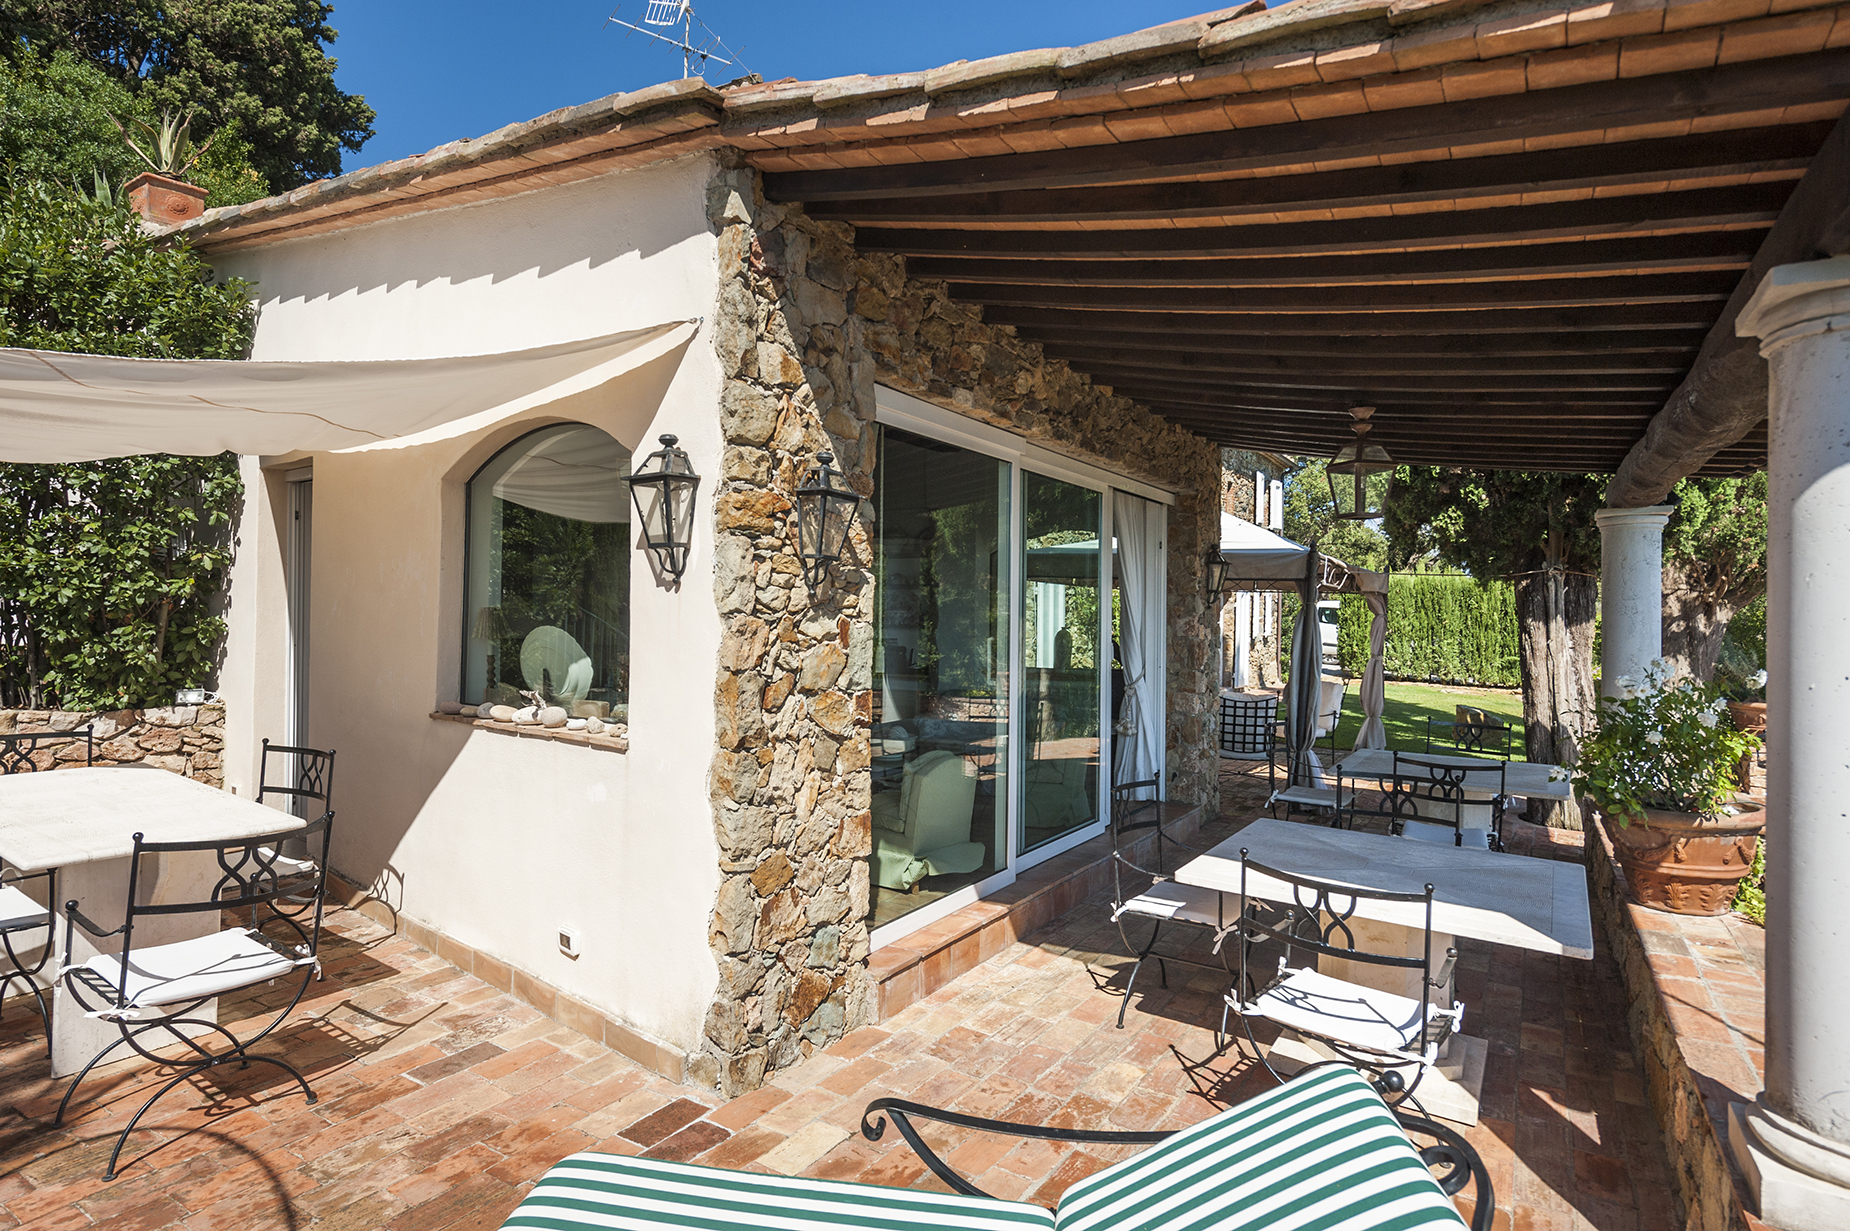 Villa in Vendita a Monte Argentario: 5 locali, 400 mq - Foto 8